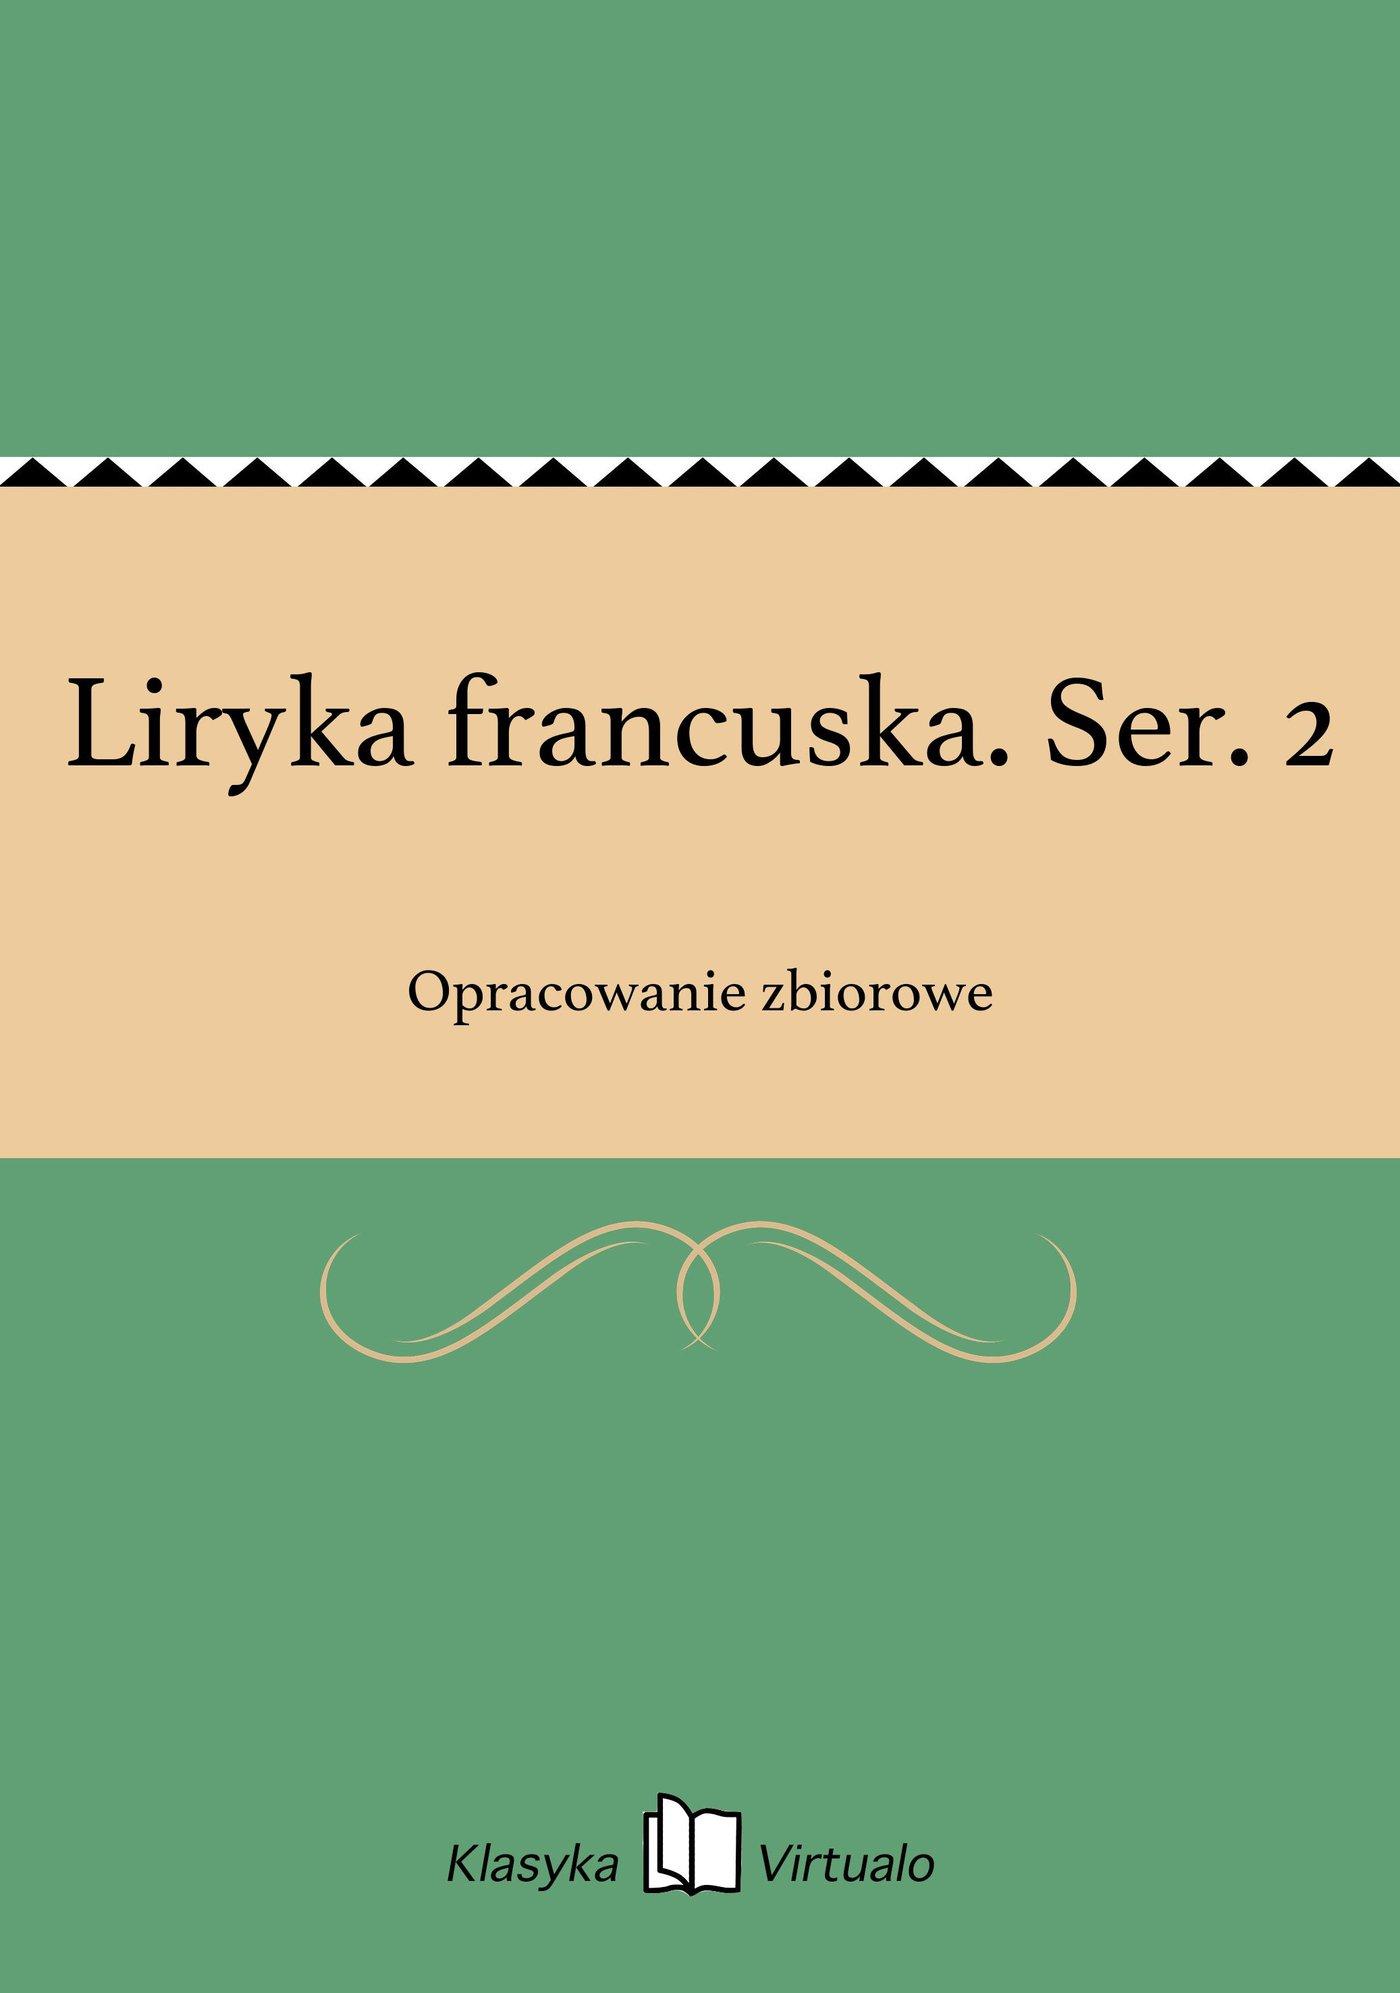 Liryka francuska. Ser. 2 - Ebook (Książka EPUB) do pobrania w formacie EPUB